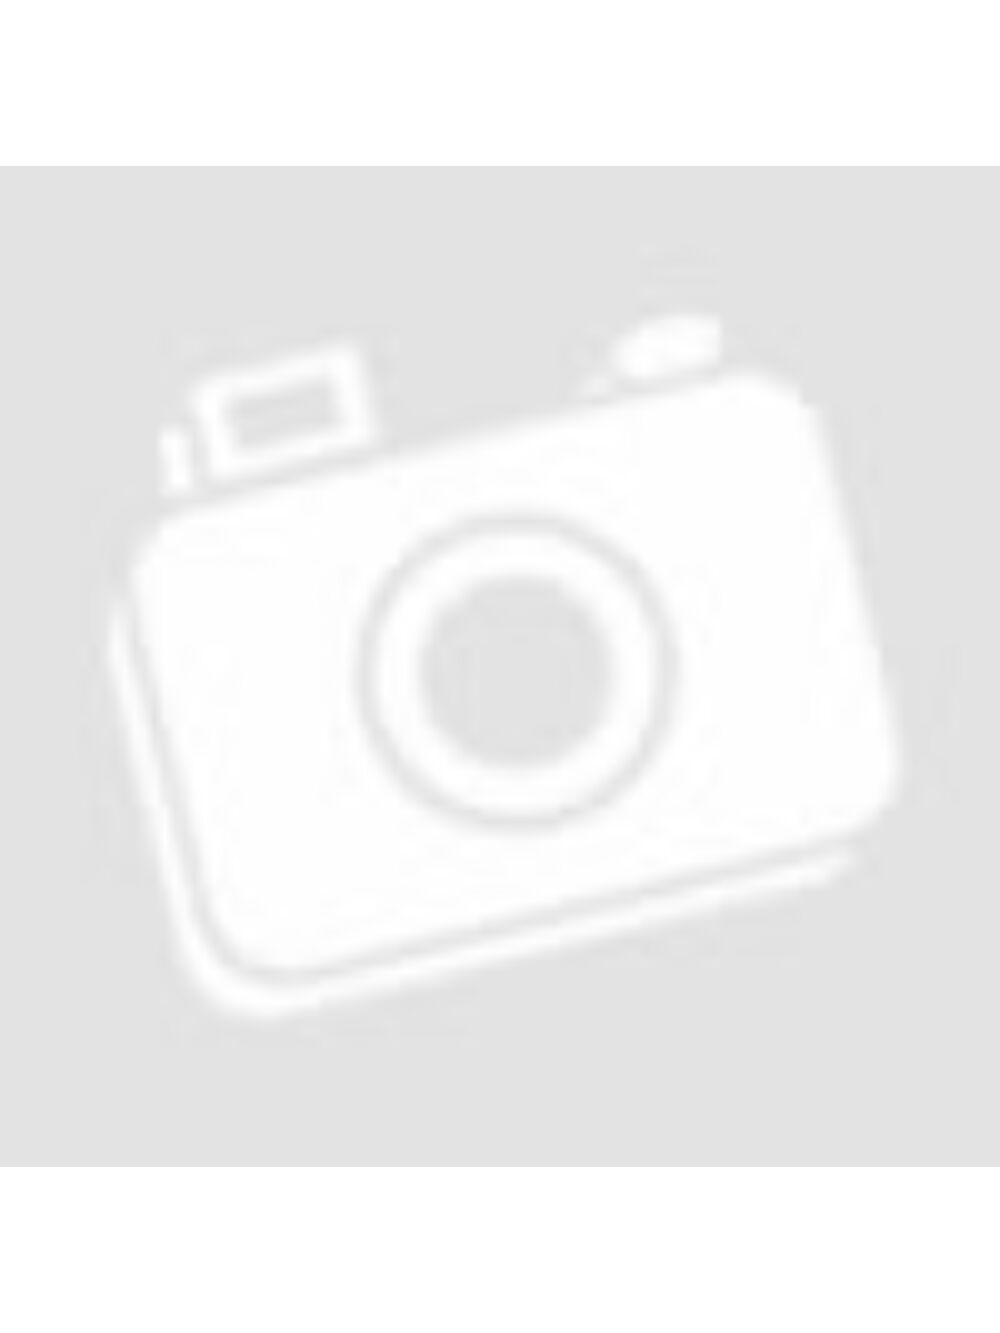 Füles bárány figura - Fehér